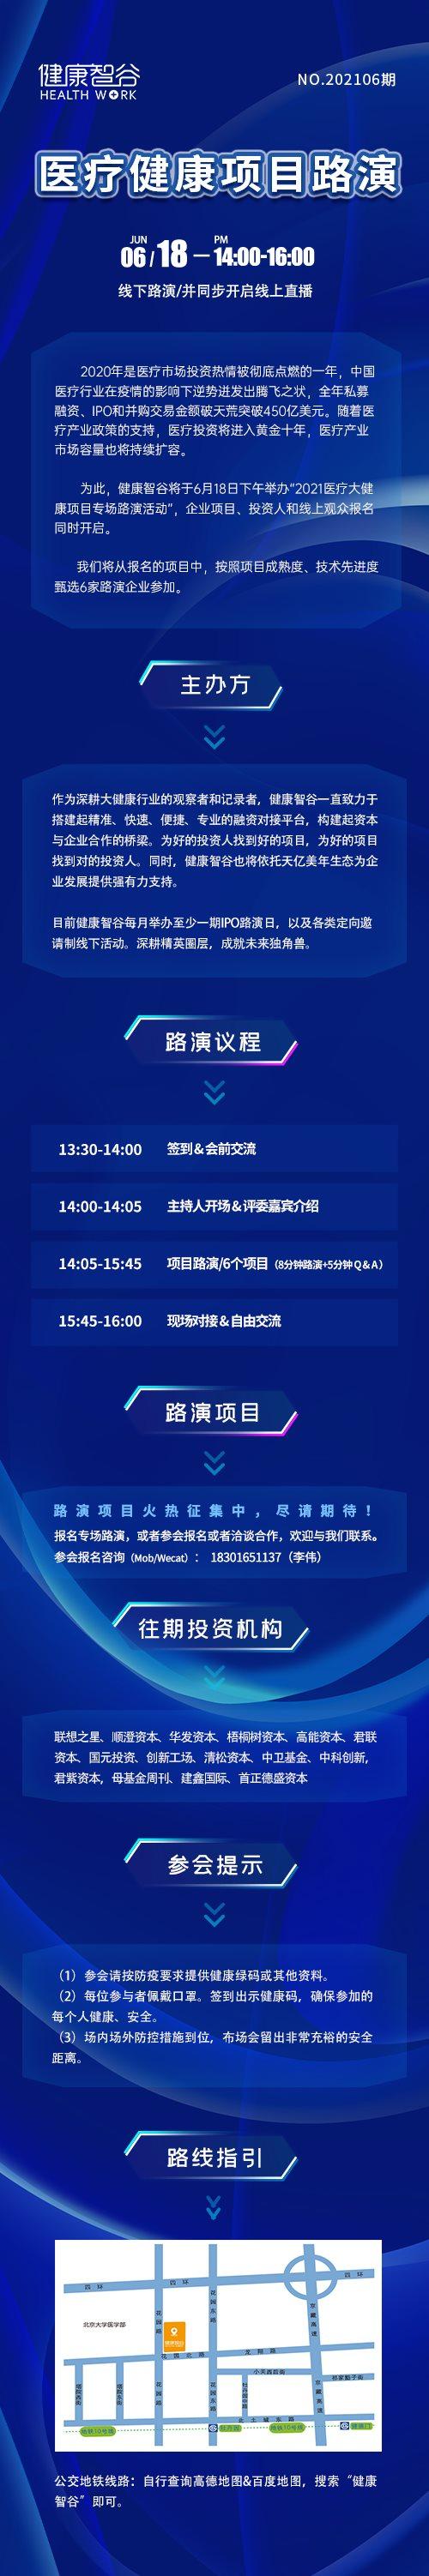 智谷创新——医疗大健康项目路演(2021年6月)